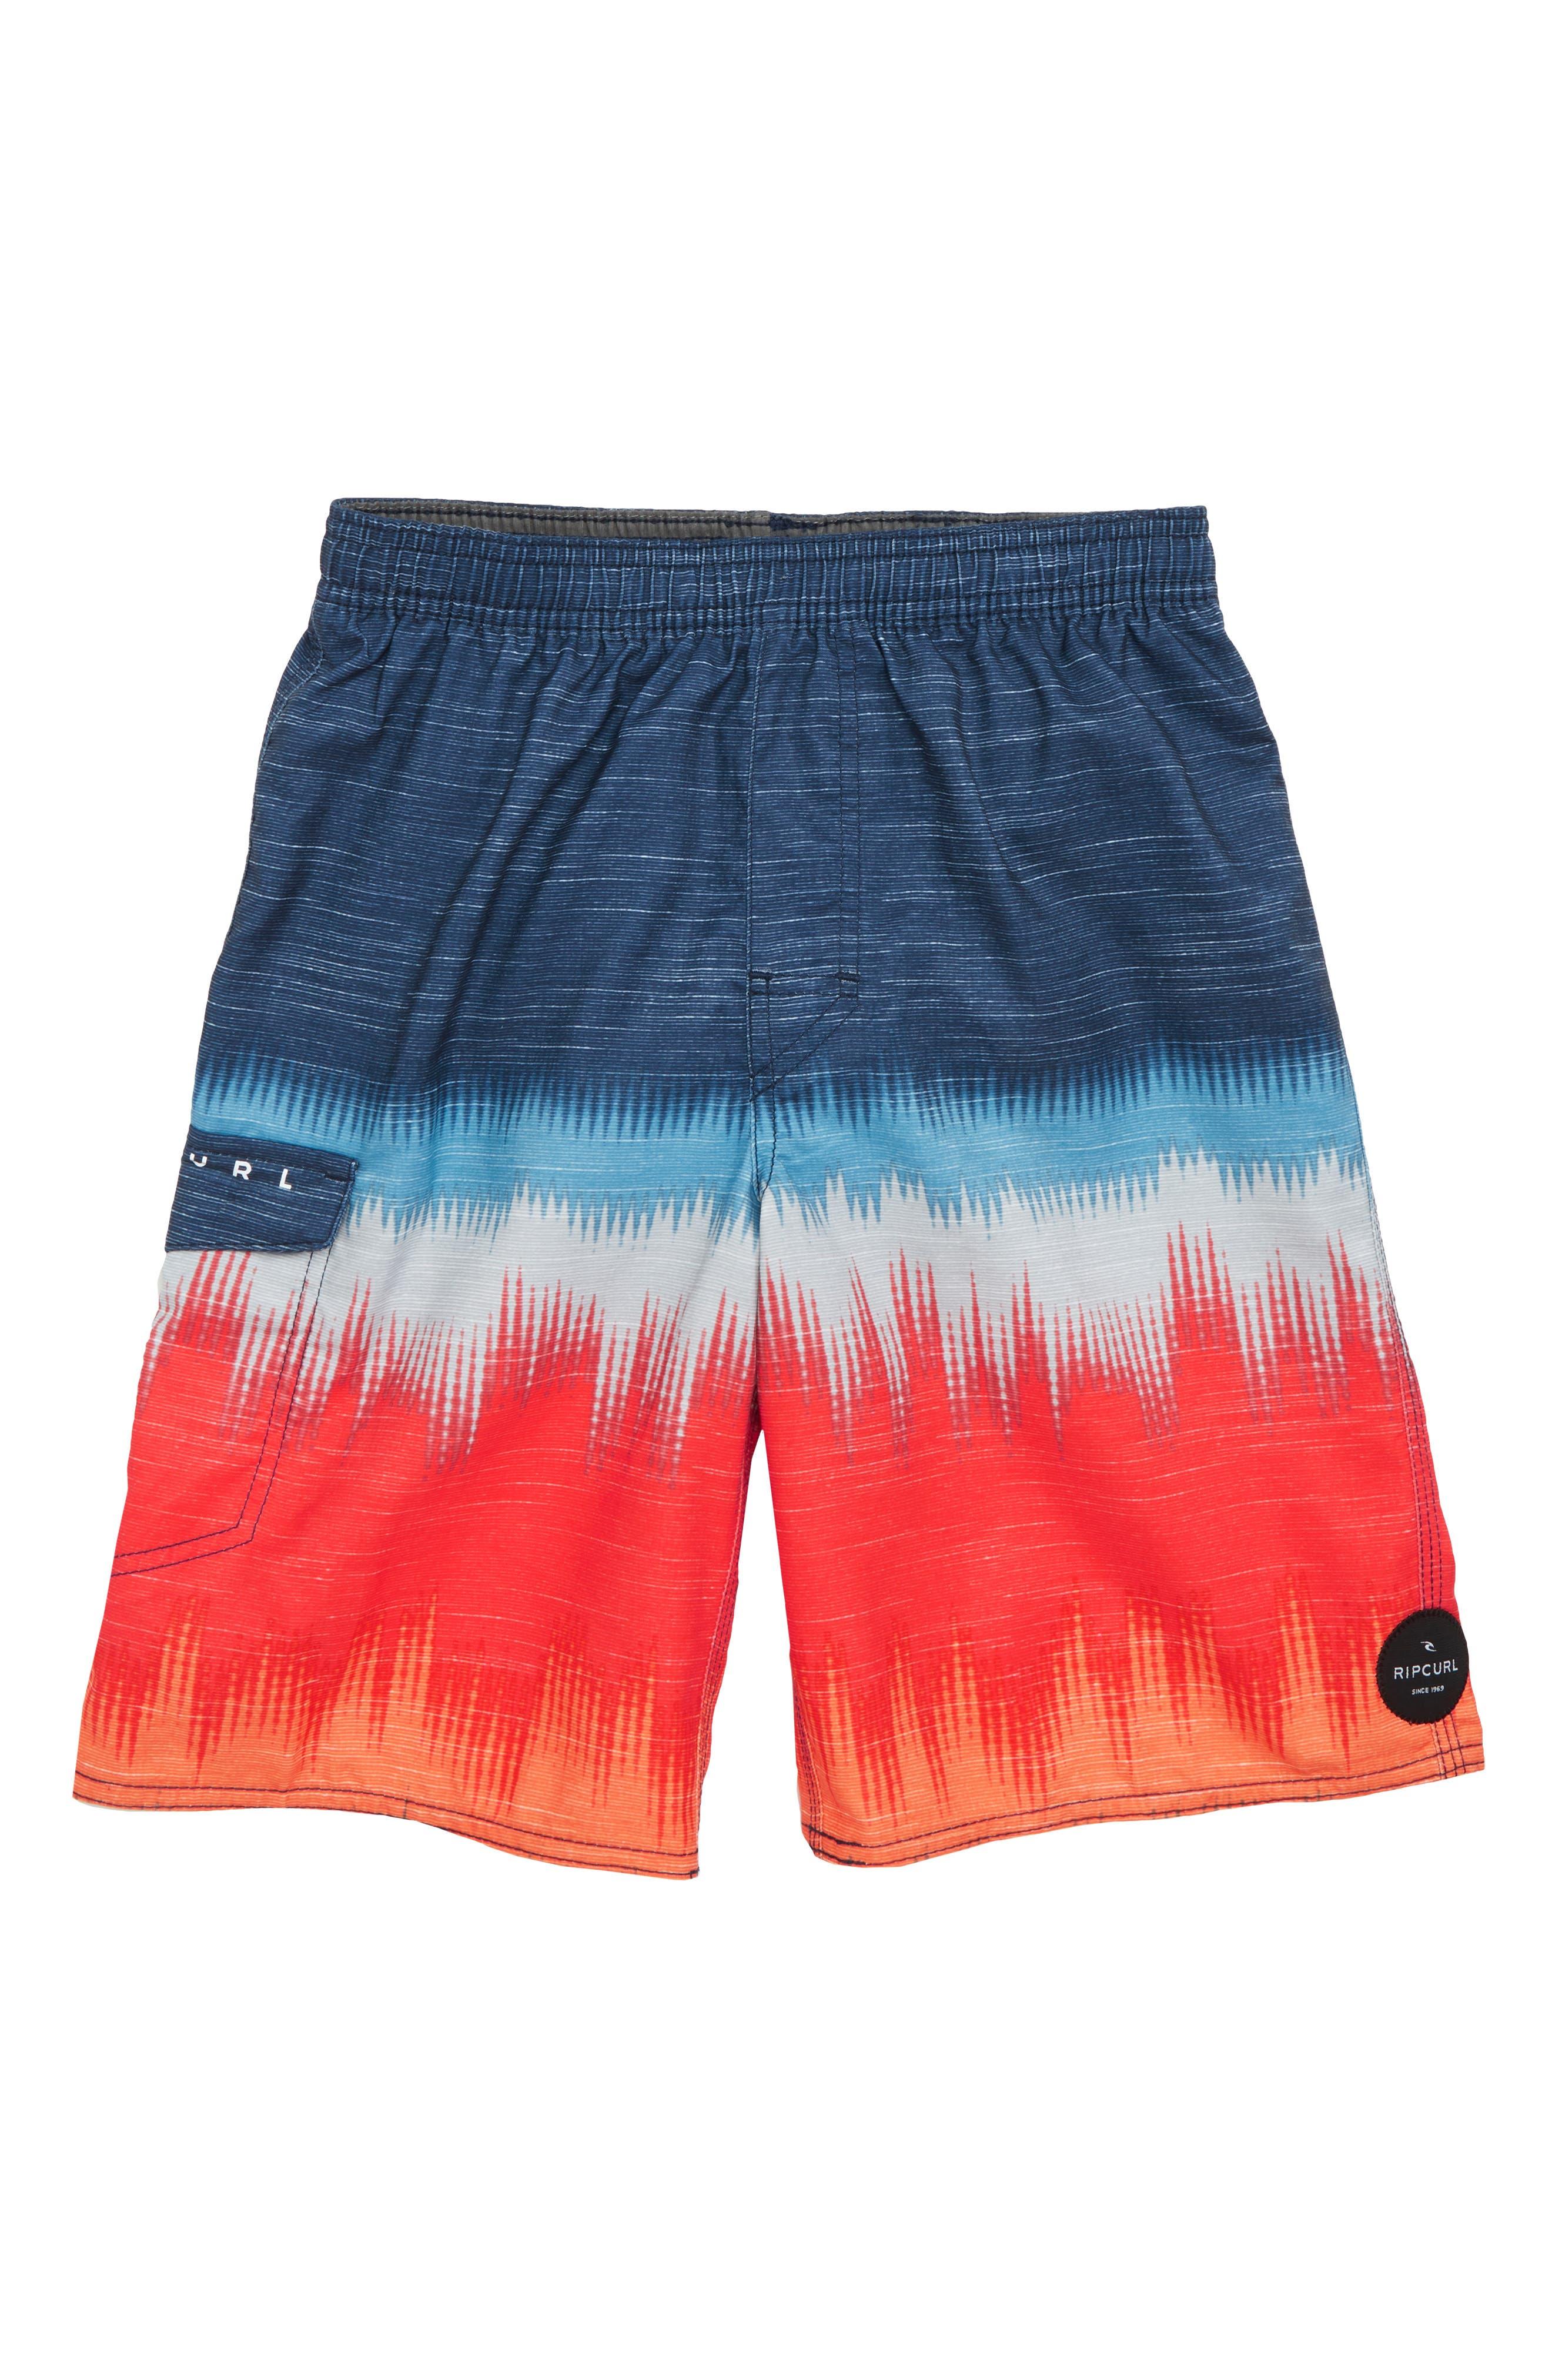 Shallows Volley Shorts,                         Main,                         color, Pink